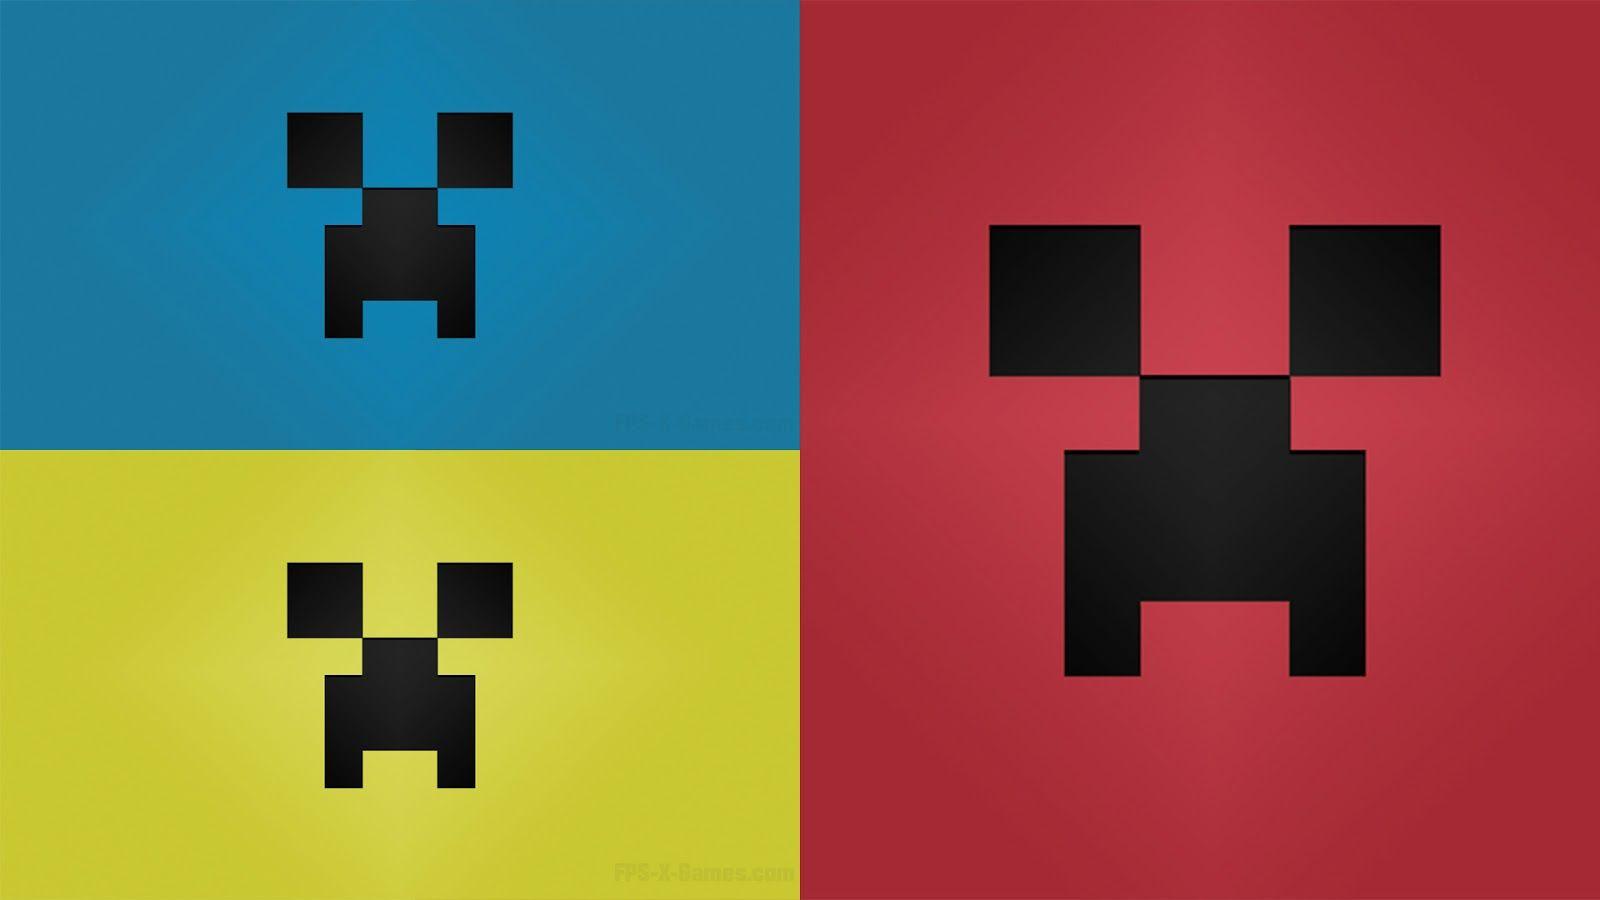 Beautiful Wallpaper Minecraft Square - 1f3e99f03f21c830748f6e4fc95ca690  Pic_668210.jpg